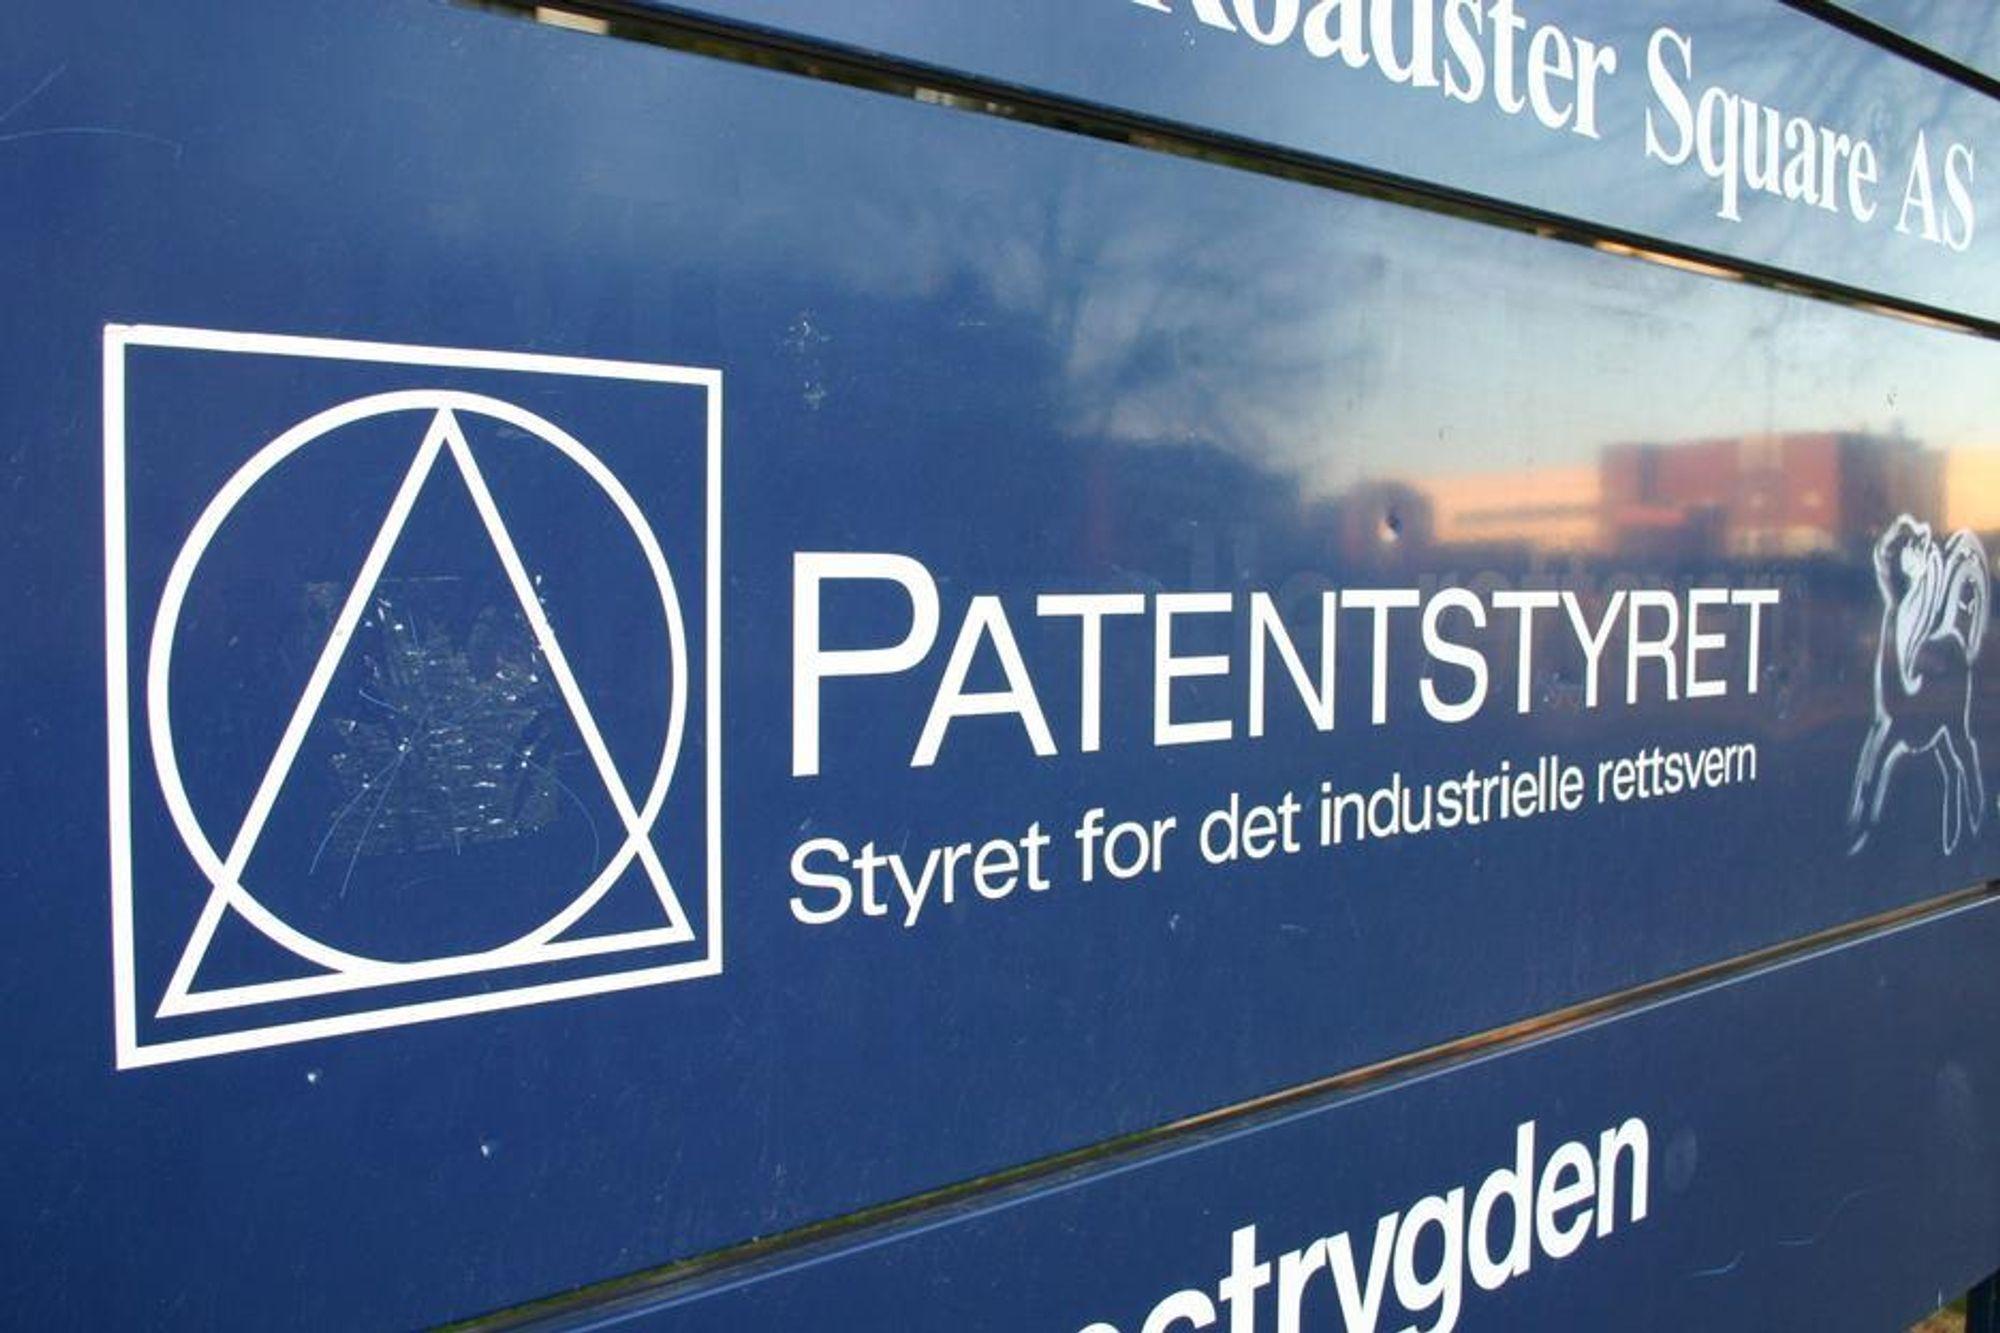 PATENTSTYRET HAR DATAPROBLEMER